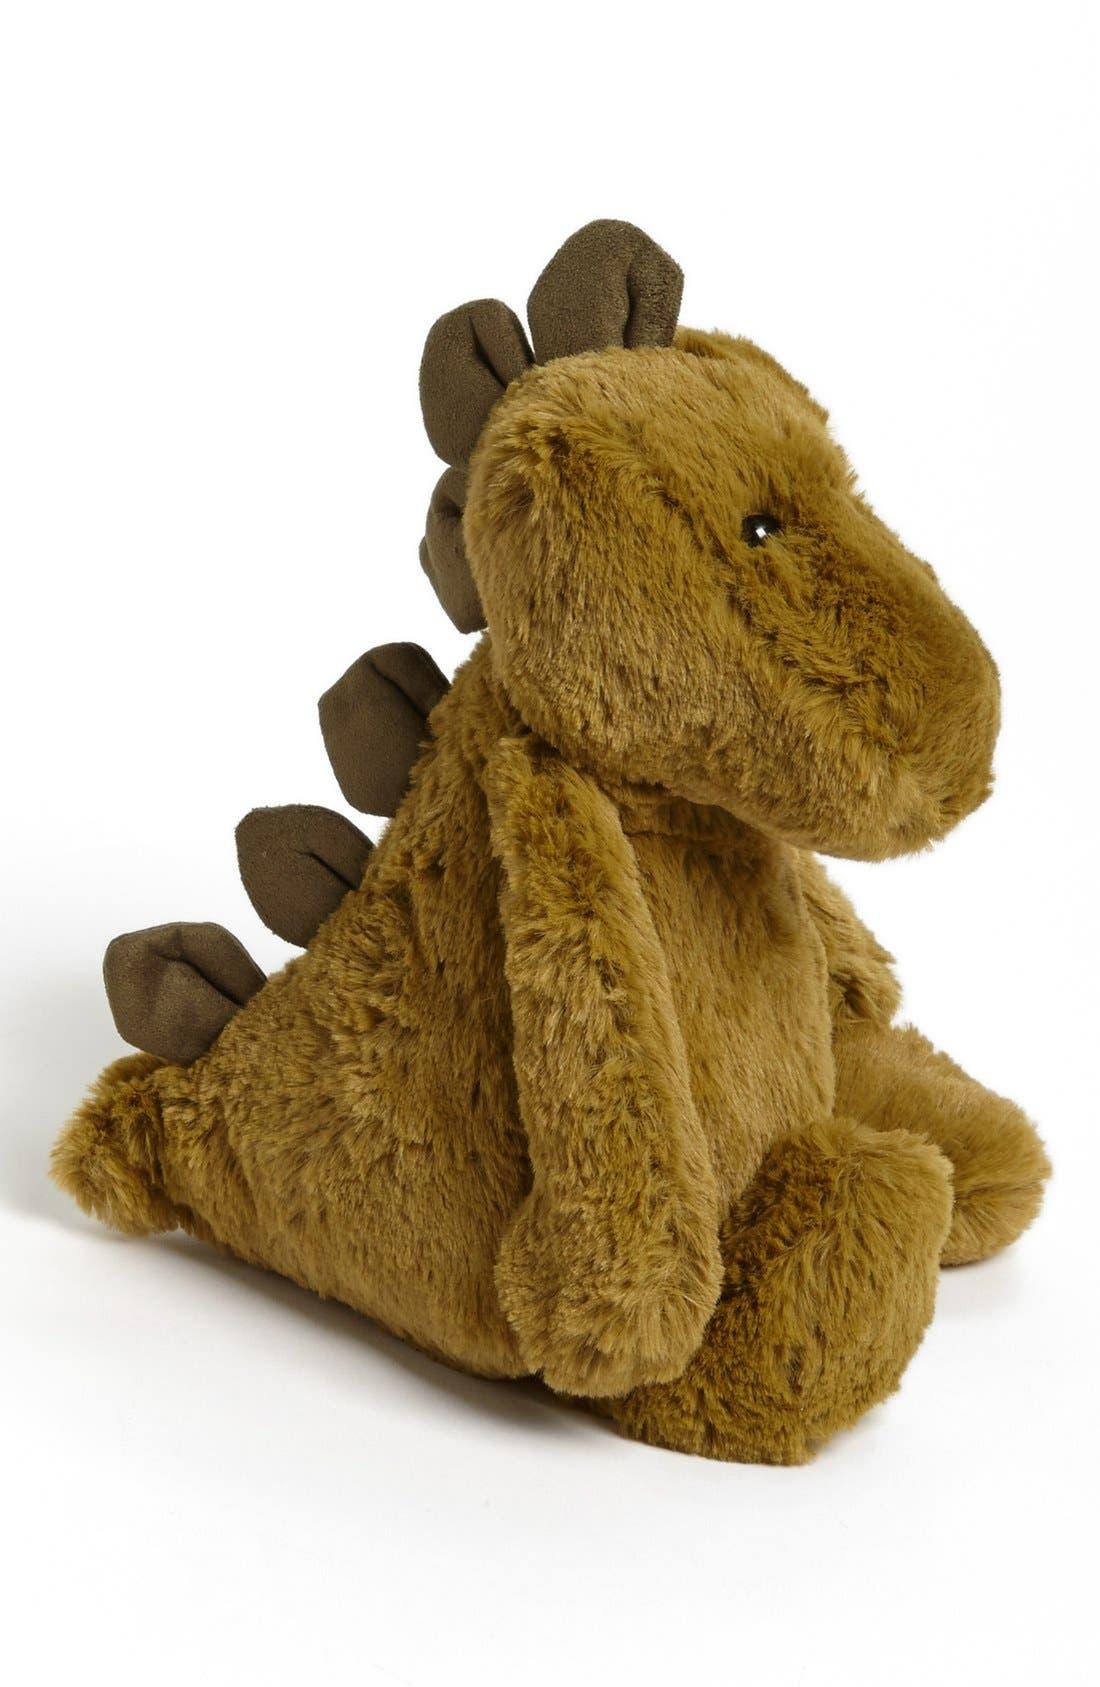 Alternate Image 1 Selected - Jellycat 'Bashful Dino' Stuffed Animal